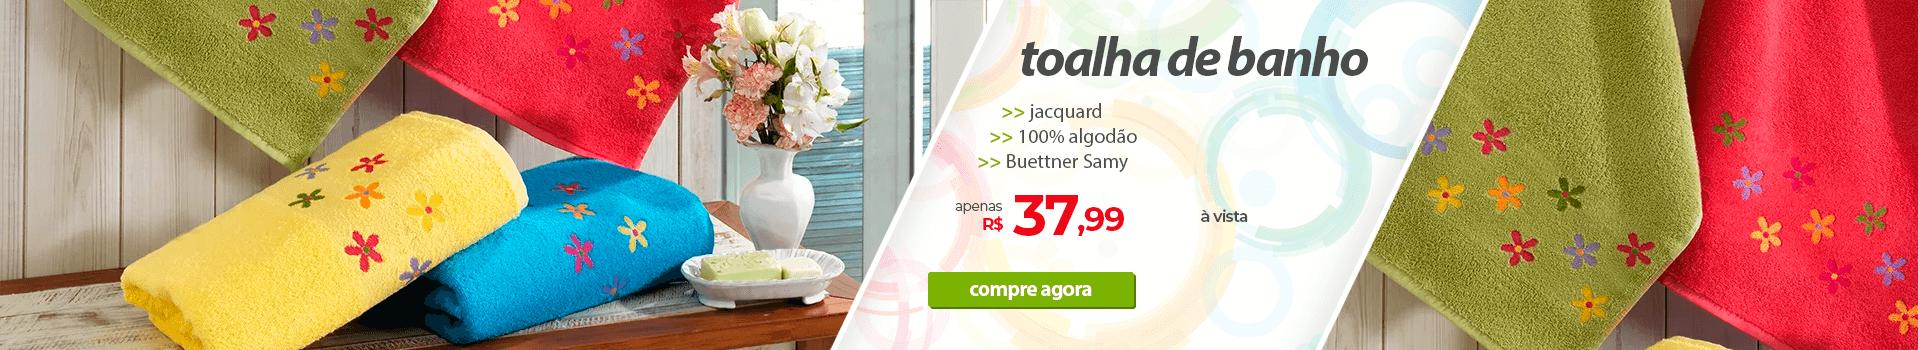 Toalha de Banho 100% Algodão Buettner Samy   Apenas R$37,99   Loja Buettner   Compre Agora!